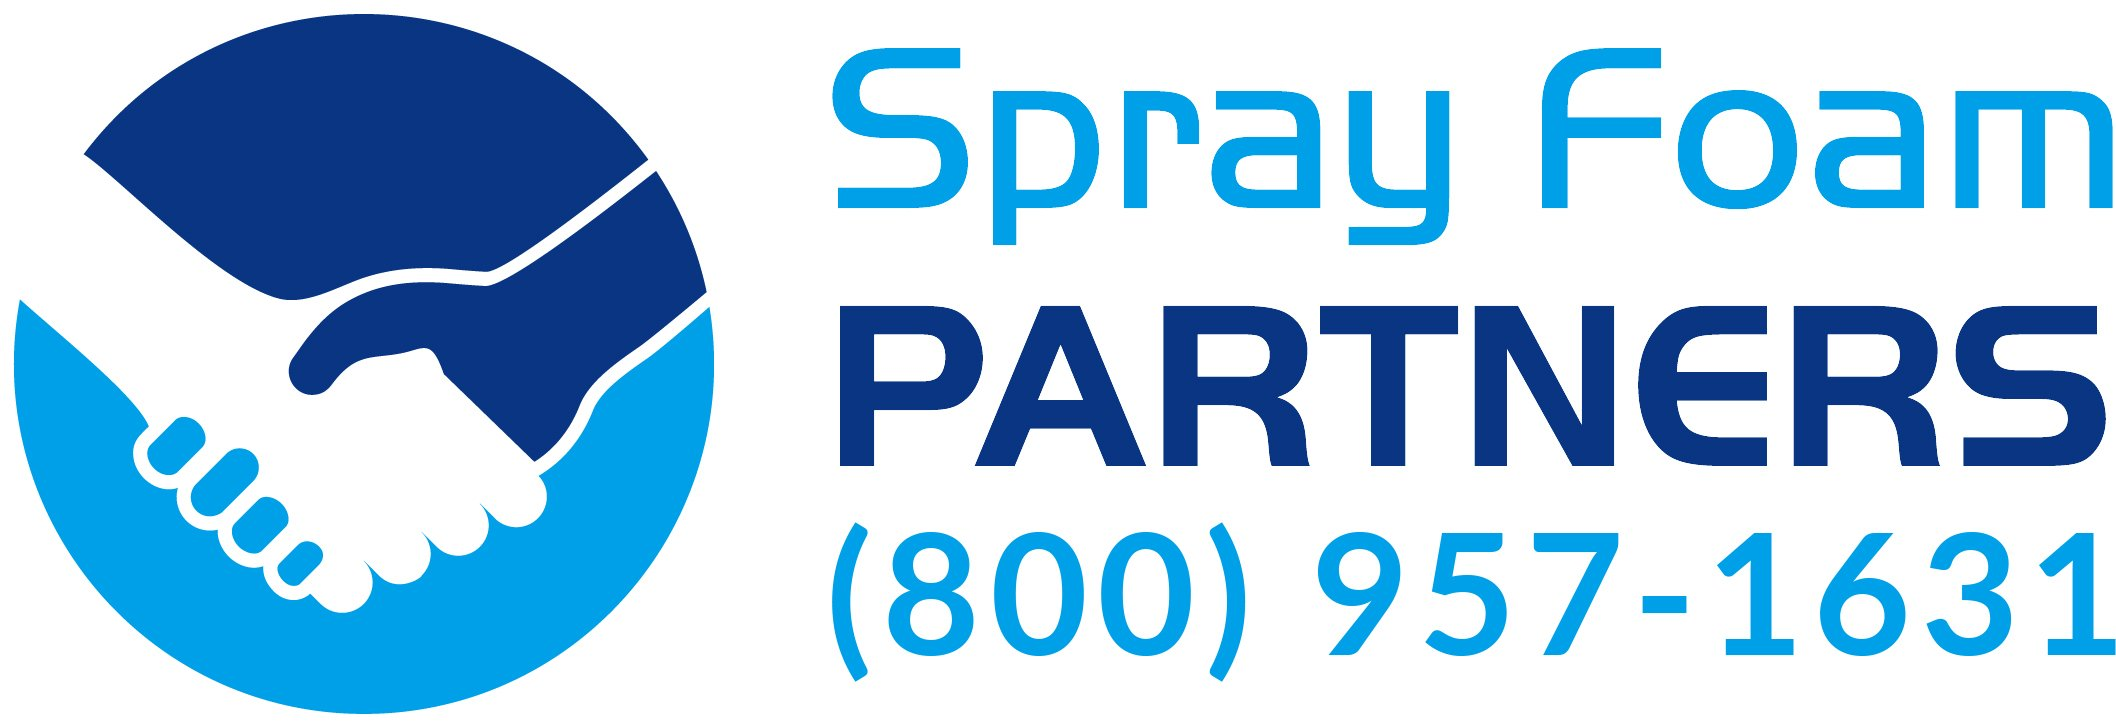 Spray Foam Partners